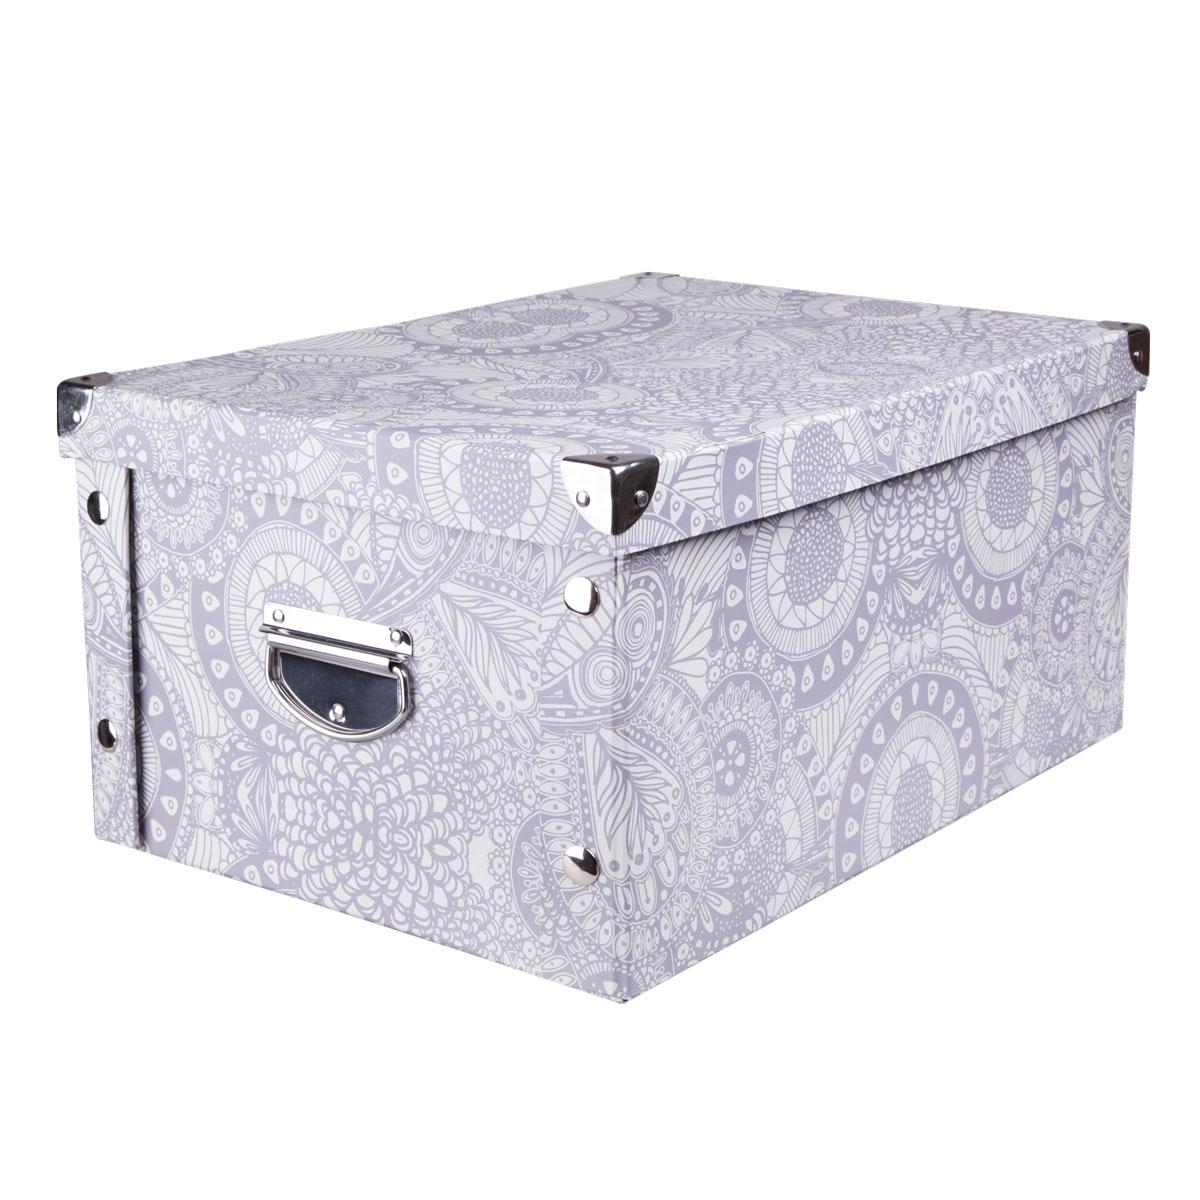 Коробка для хранения Miolla, 30 х 20 х 15 см. CFB-01UP210DFКоробка для хранения Miolla прекрасно подойдет для хранения бытовых мелочей, документов, аксессуаров для рукоделия и других мелких предметов. Коробка поставляется в разобранном виде, легко и быстро складывается. Плотная крышка и удобные для переноски металлические ручки станут приятным дополнением к функциональным достоинствам коробки. Удобная крышка не даст ни одной вещи потеряться, а оптимальный размер подойдет для любого шкафа или полки.Компактная, но при этом вместительная коробка для хранения станет яркой нотой в вашем интерьере.